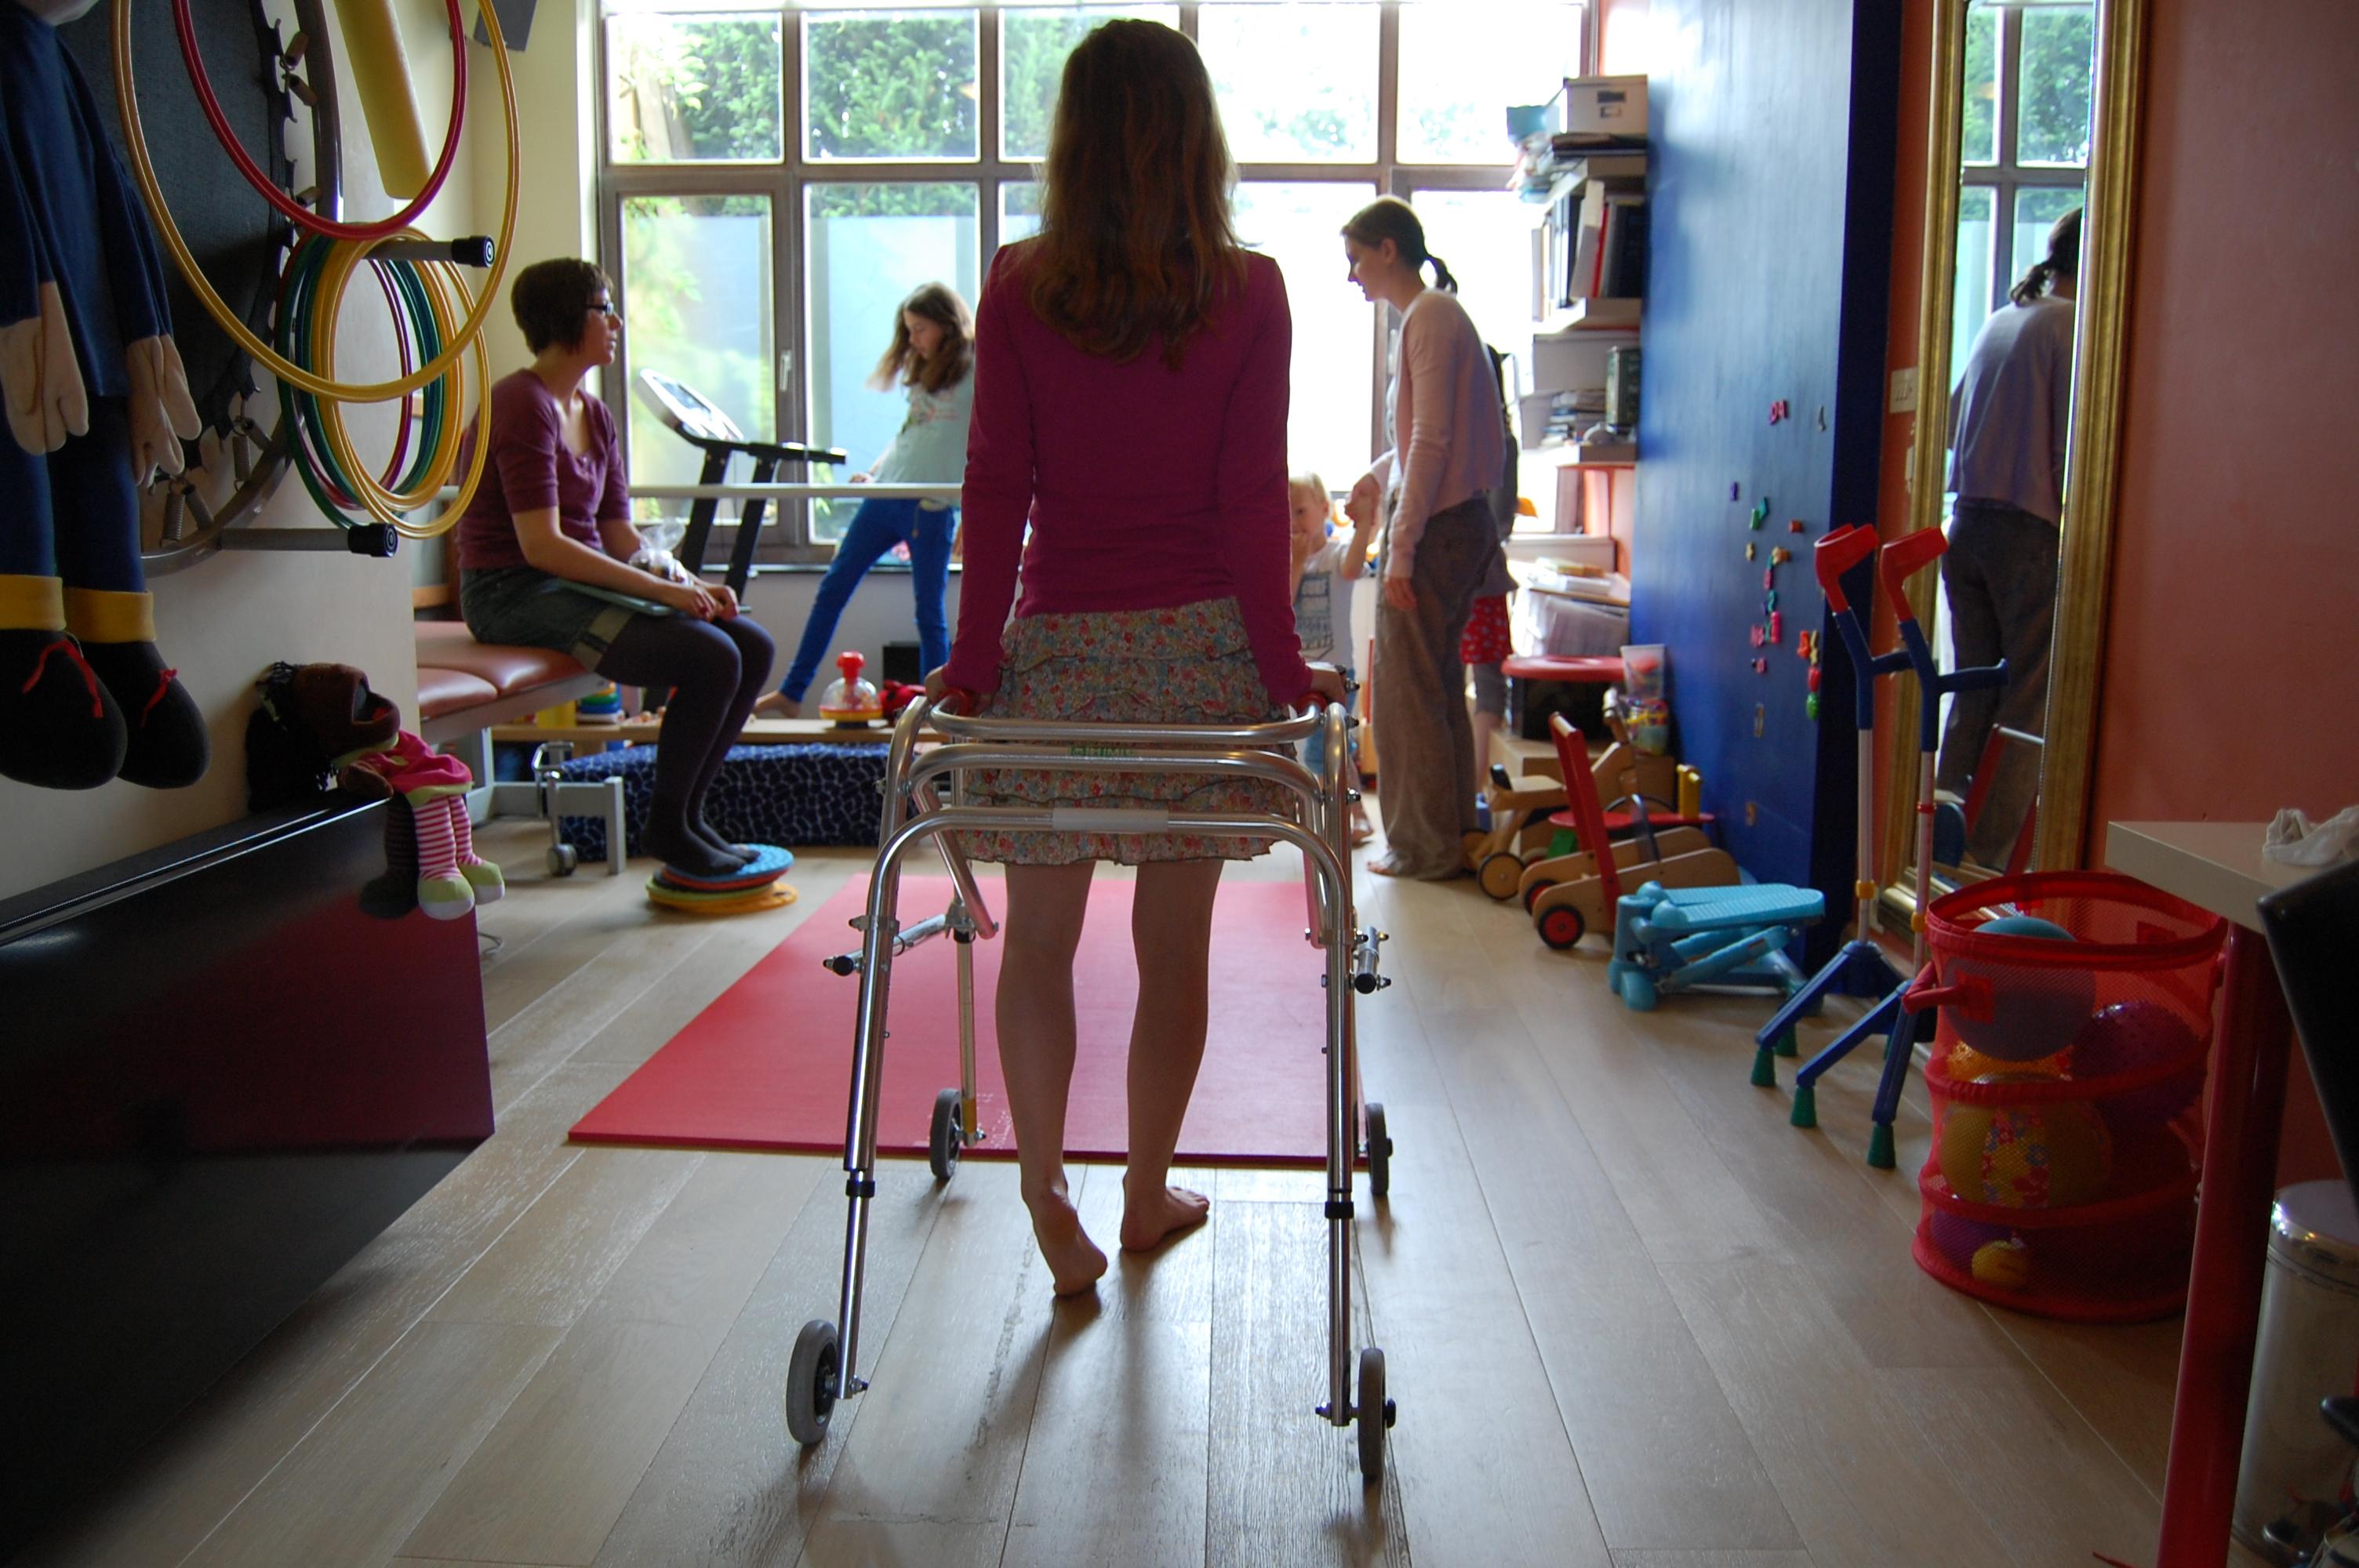 motoriek kinderen, peuters, baby's, leren stappen